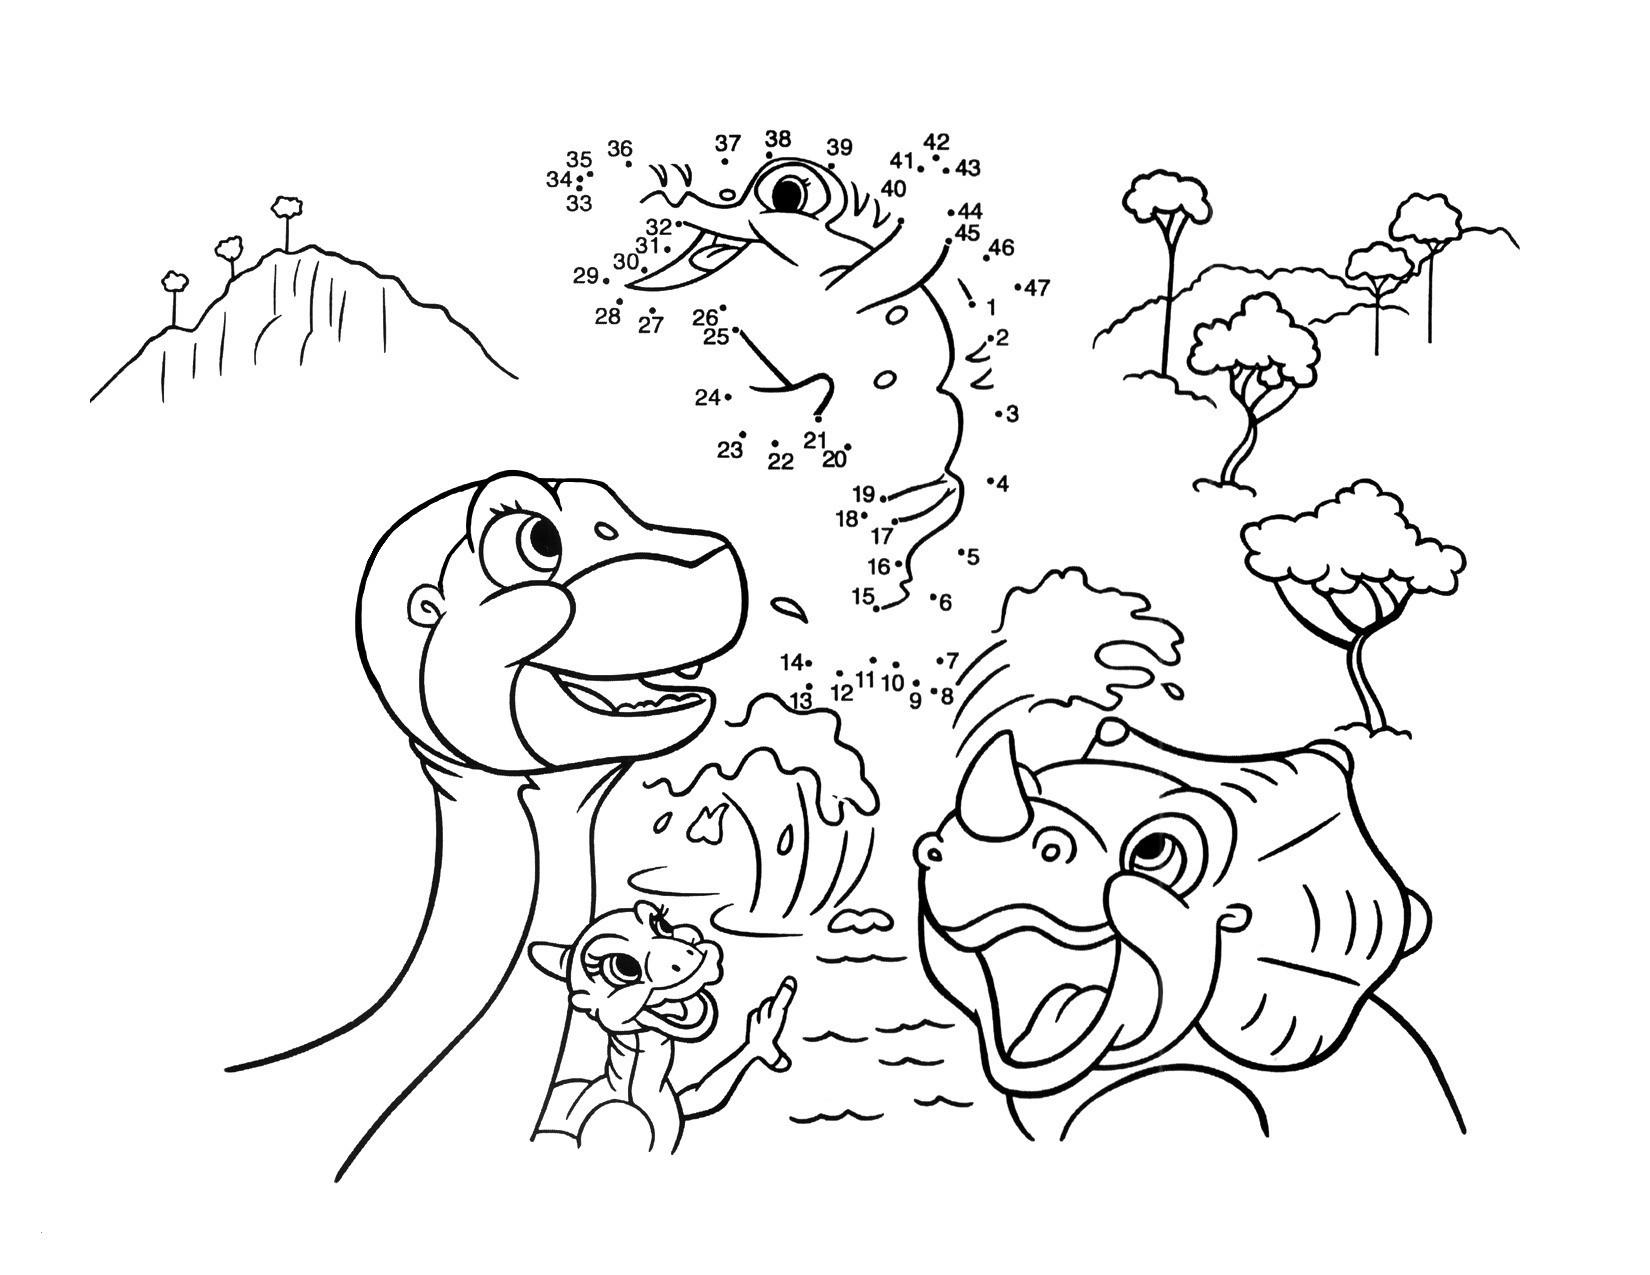 In Einem Land Vor Unserer Zeit Ausmalbilder Einzigartig Dinosaurier Druckbare Bilder Herrliche In Einem Land Vor Unserer Bild